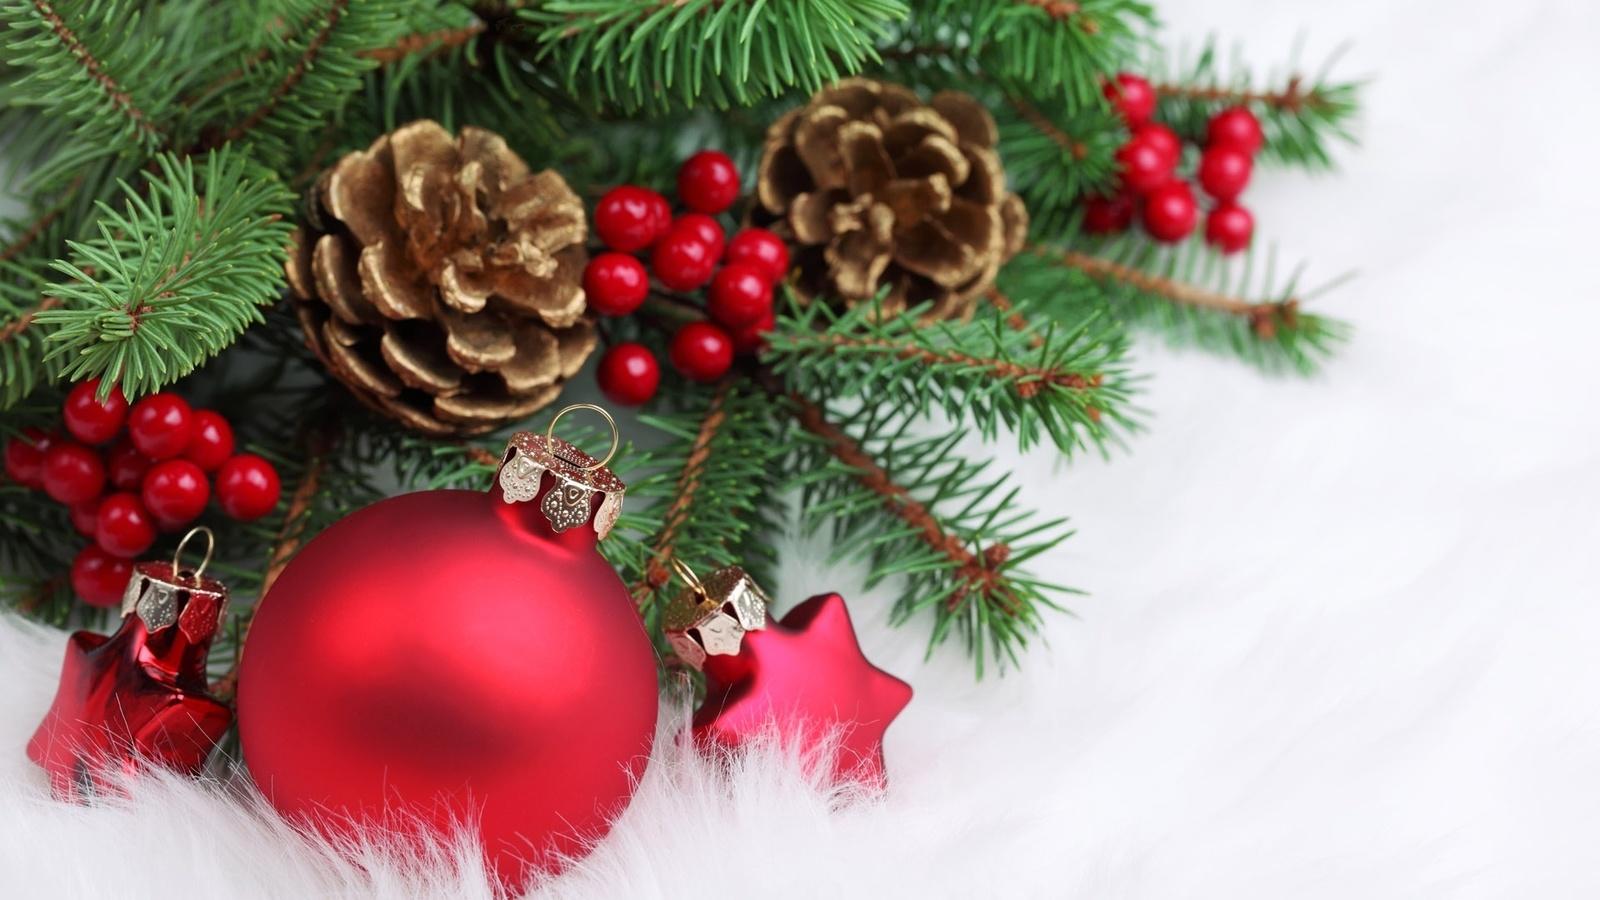 Новогоднее поздравление от елки